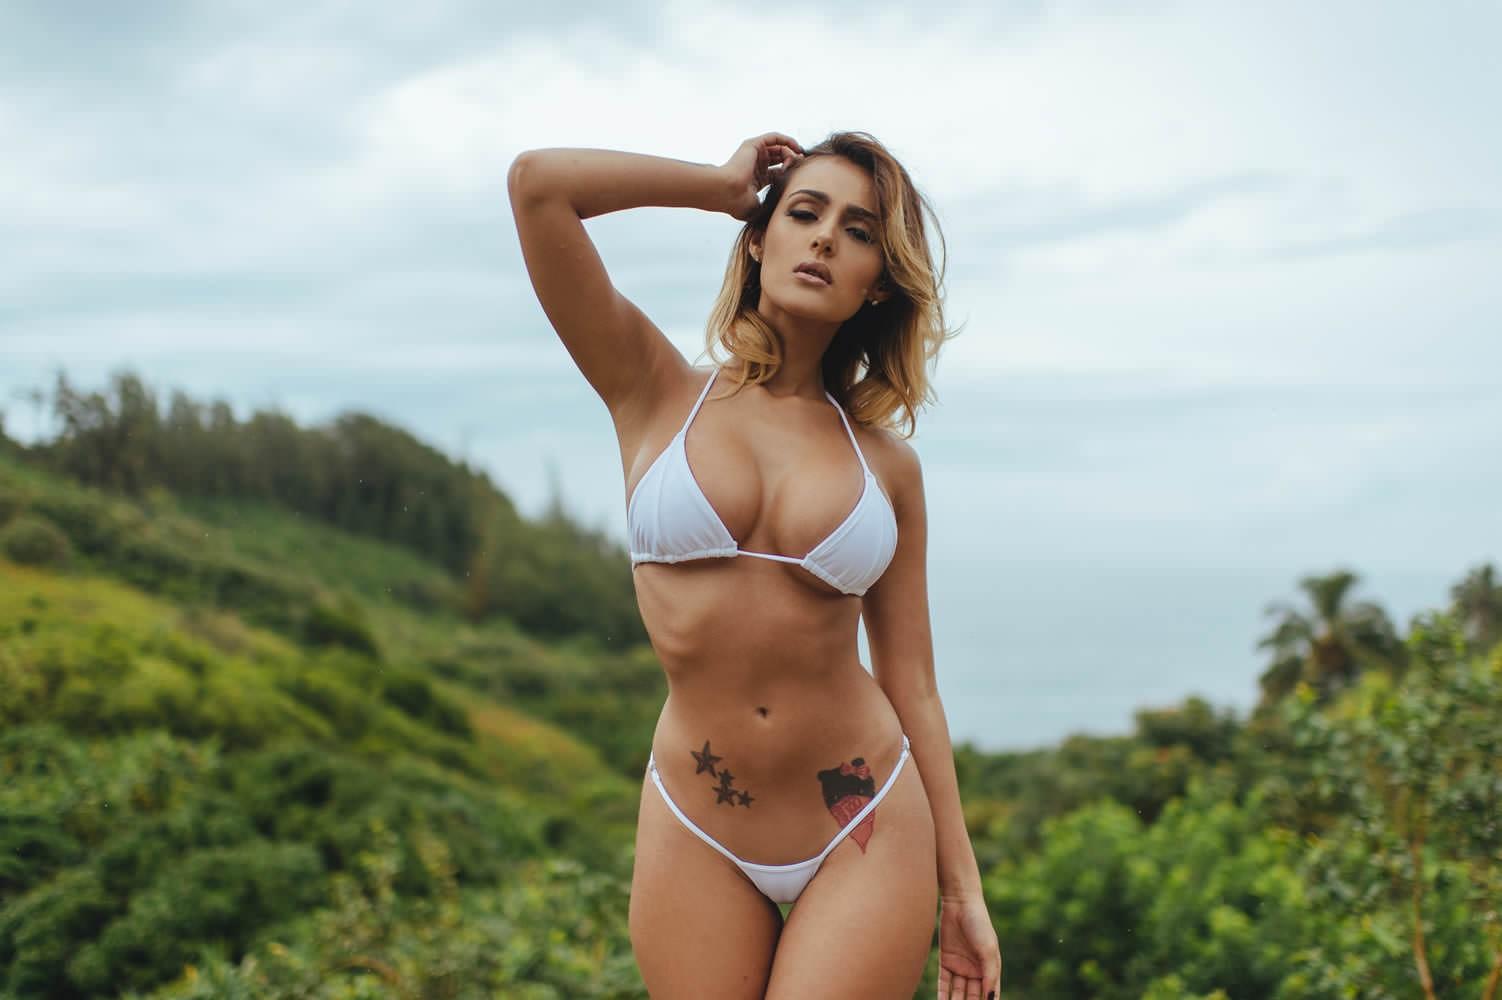 Фото голая эшли рей, присланные фото голых женщин